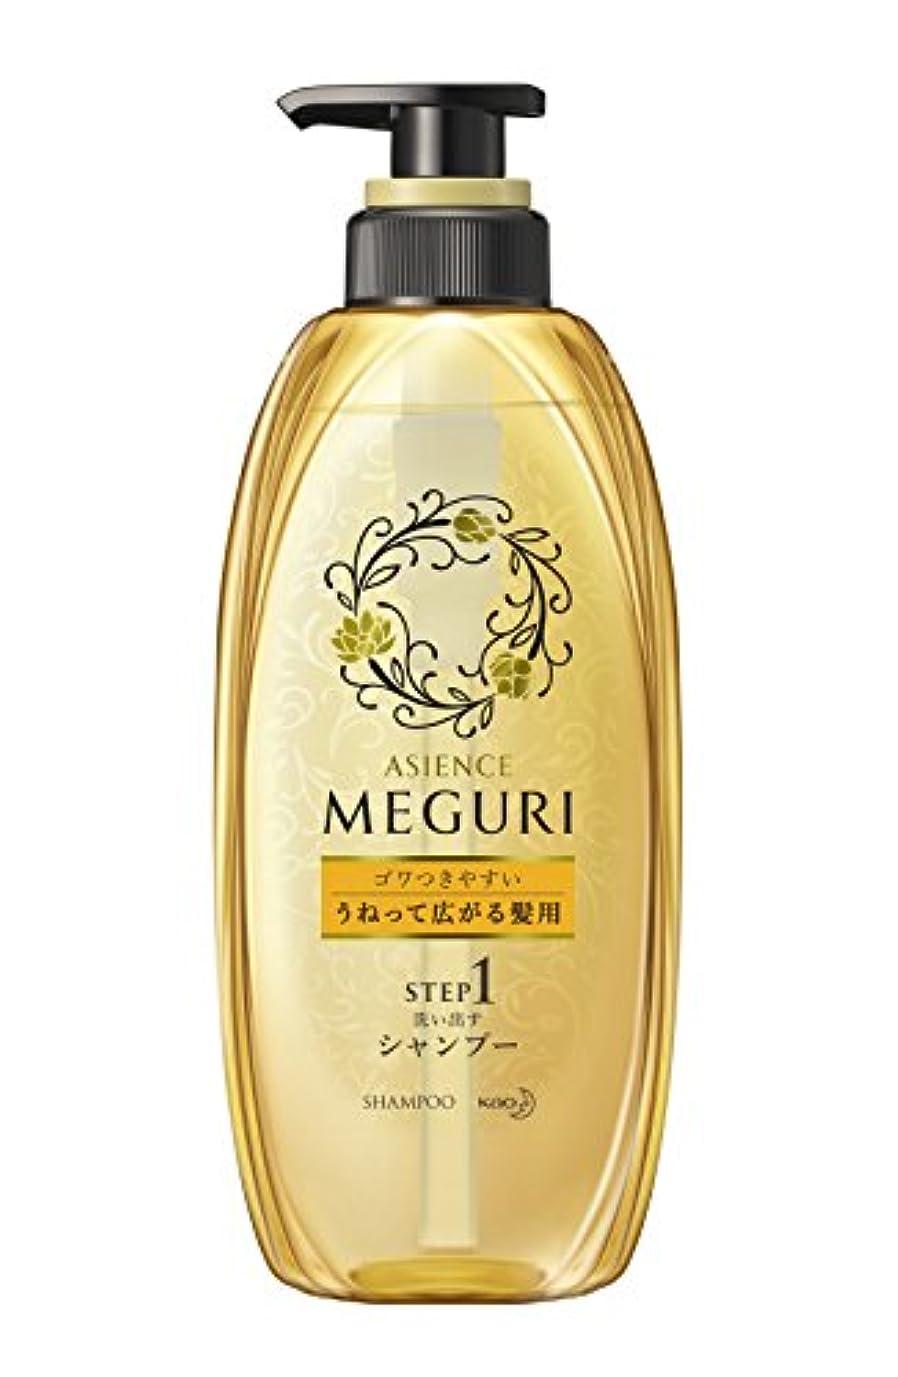 苦味レクリエーション髄アジエンスMEGURI 洗い出すシャンプー ゴワつきやすい うねって広がる髪用 本体